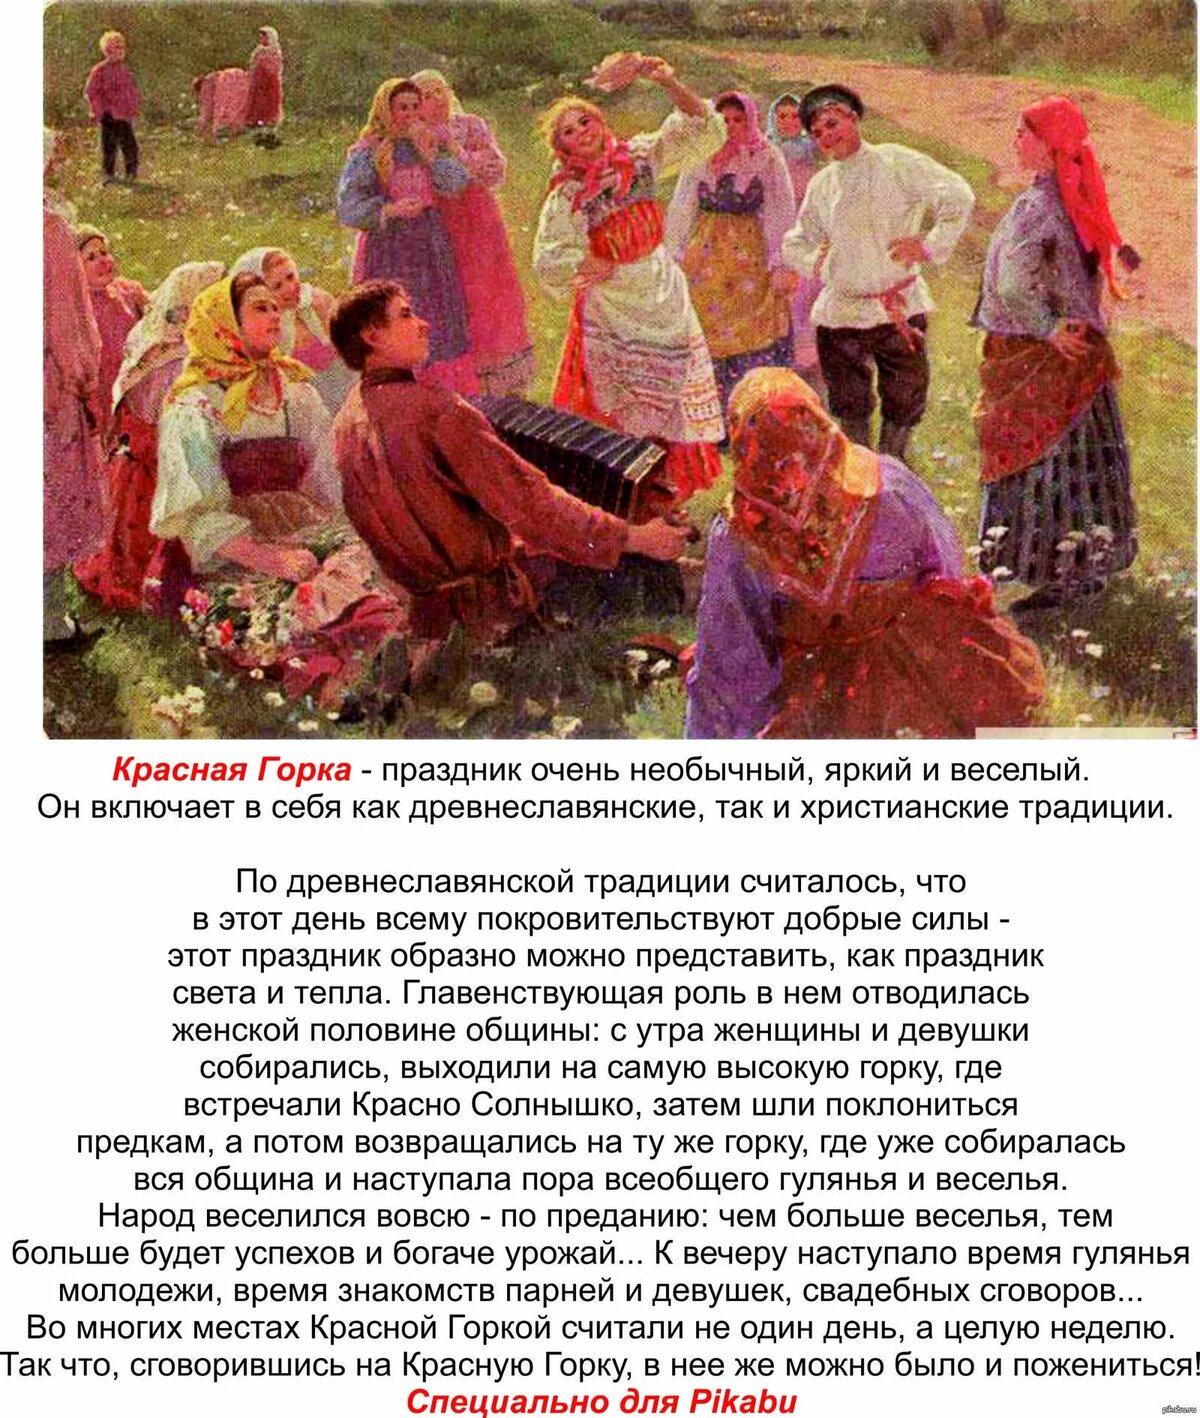 Фото с красной горкой поздравление, благовещеньем красивые поздравление